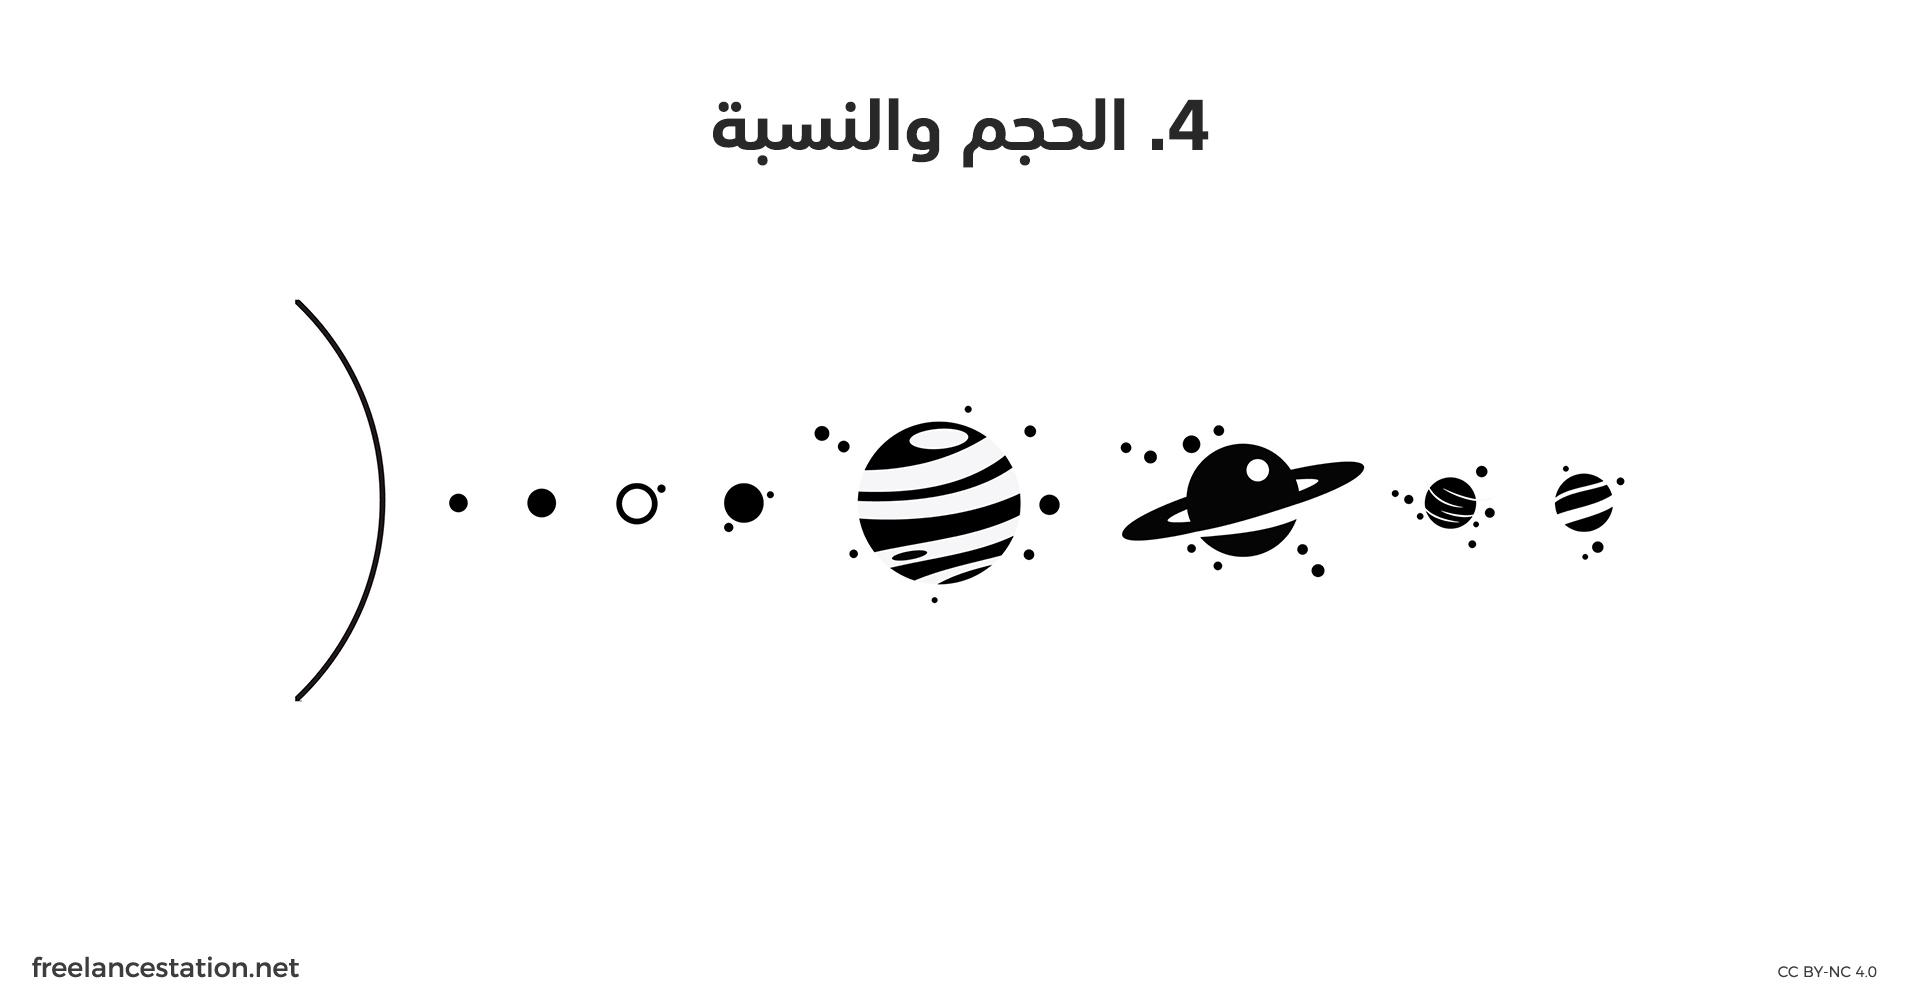 41f615a14 دليلك الشامل لتصبح مصمم جرافيك ناجح - فريلانستيشن